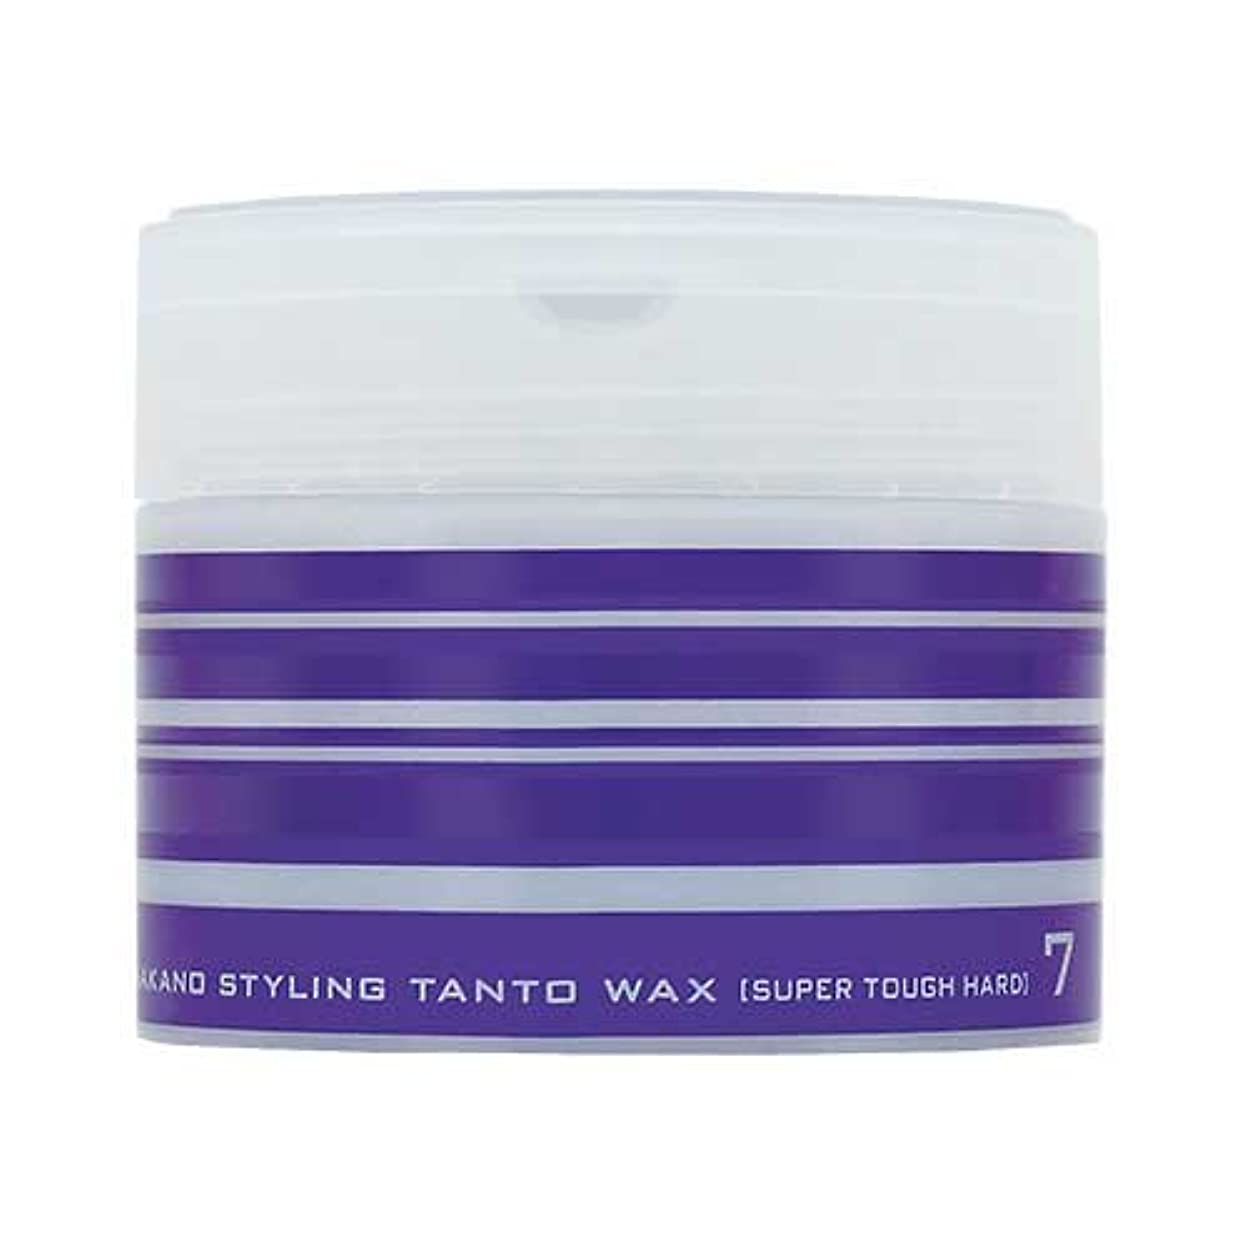 つぶやき規範茎ナカノ スタイリング タントN ワックス 7 スーパータフハード 90g 中野製薬 NAKANO